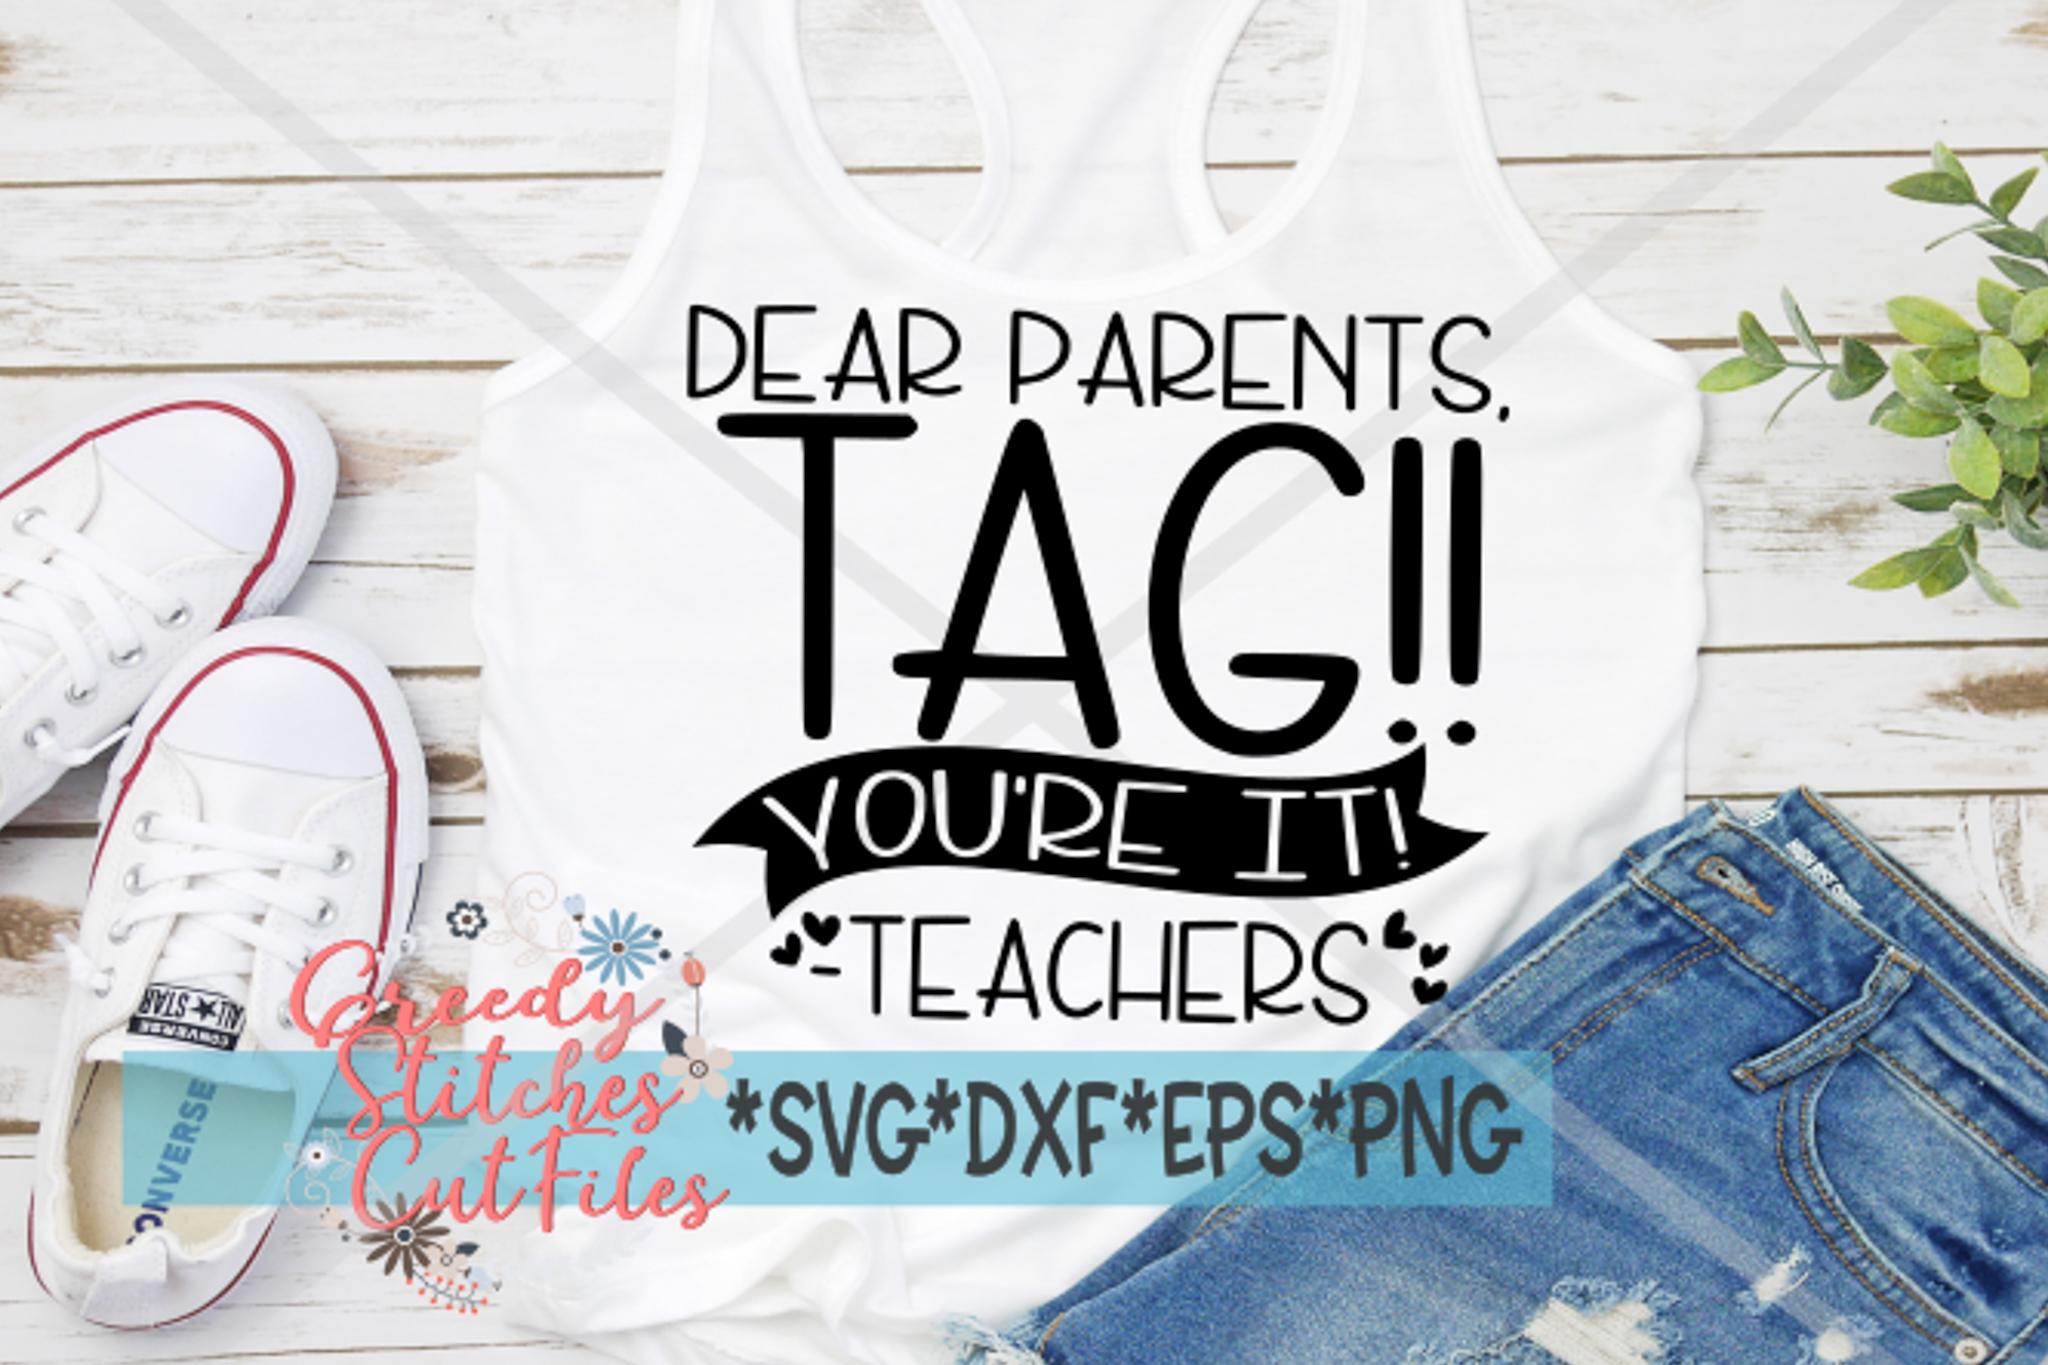 Teacher SVG | Dear Parents, Tag!! You're It! -Teacher SVG example image 1